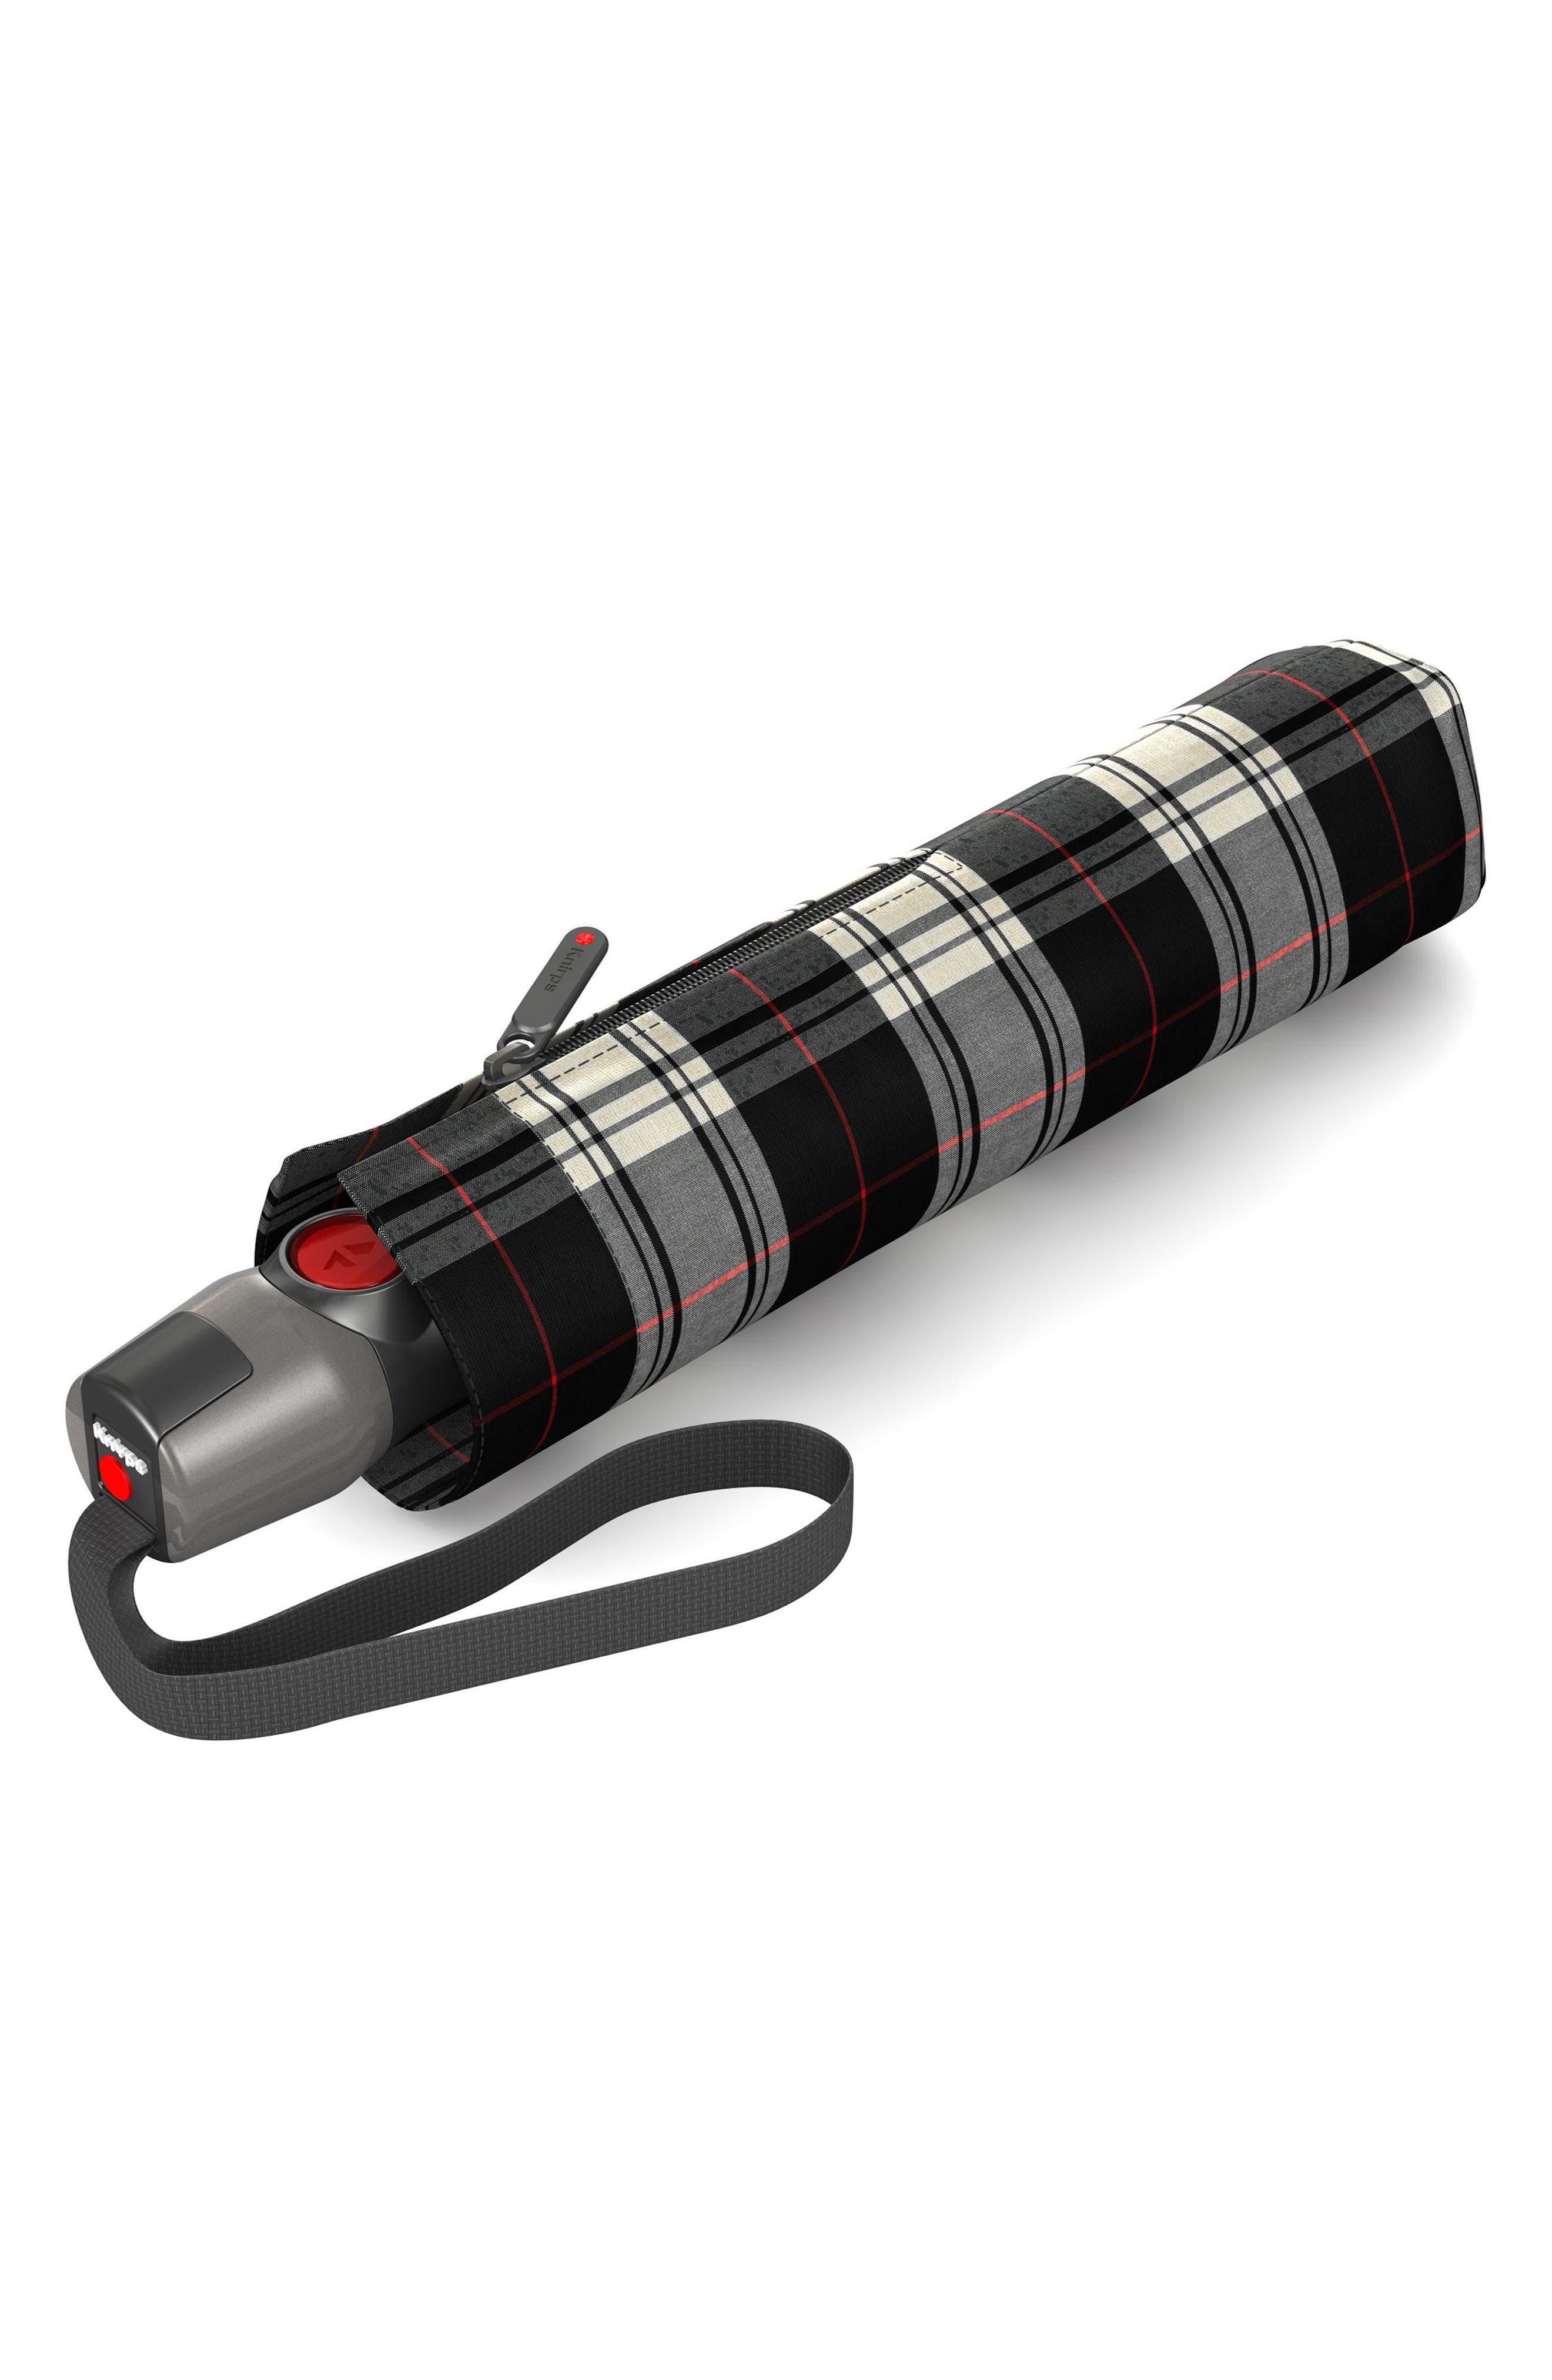 T200 Auto Open/Close Umbrella,                             Main thumbnail 1, color,                             BLACK/WHITE CHECK